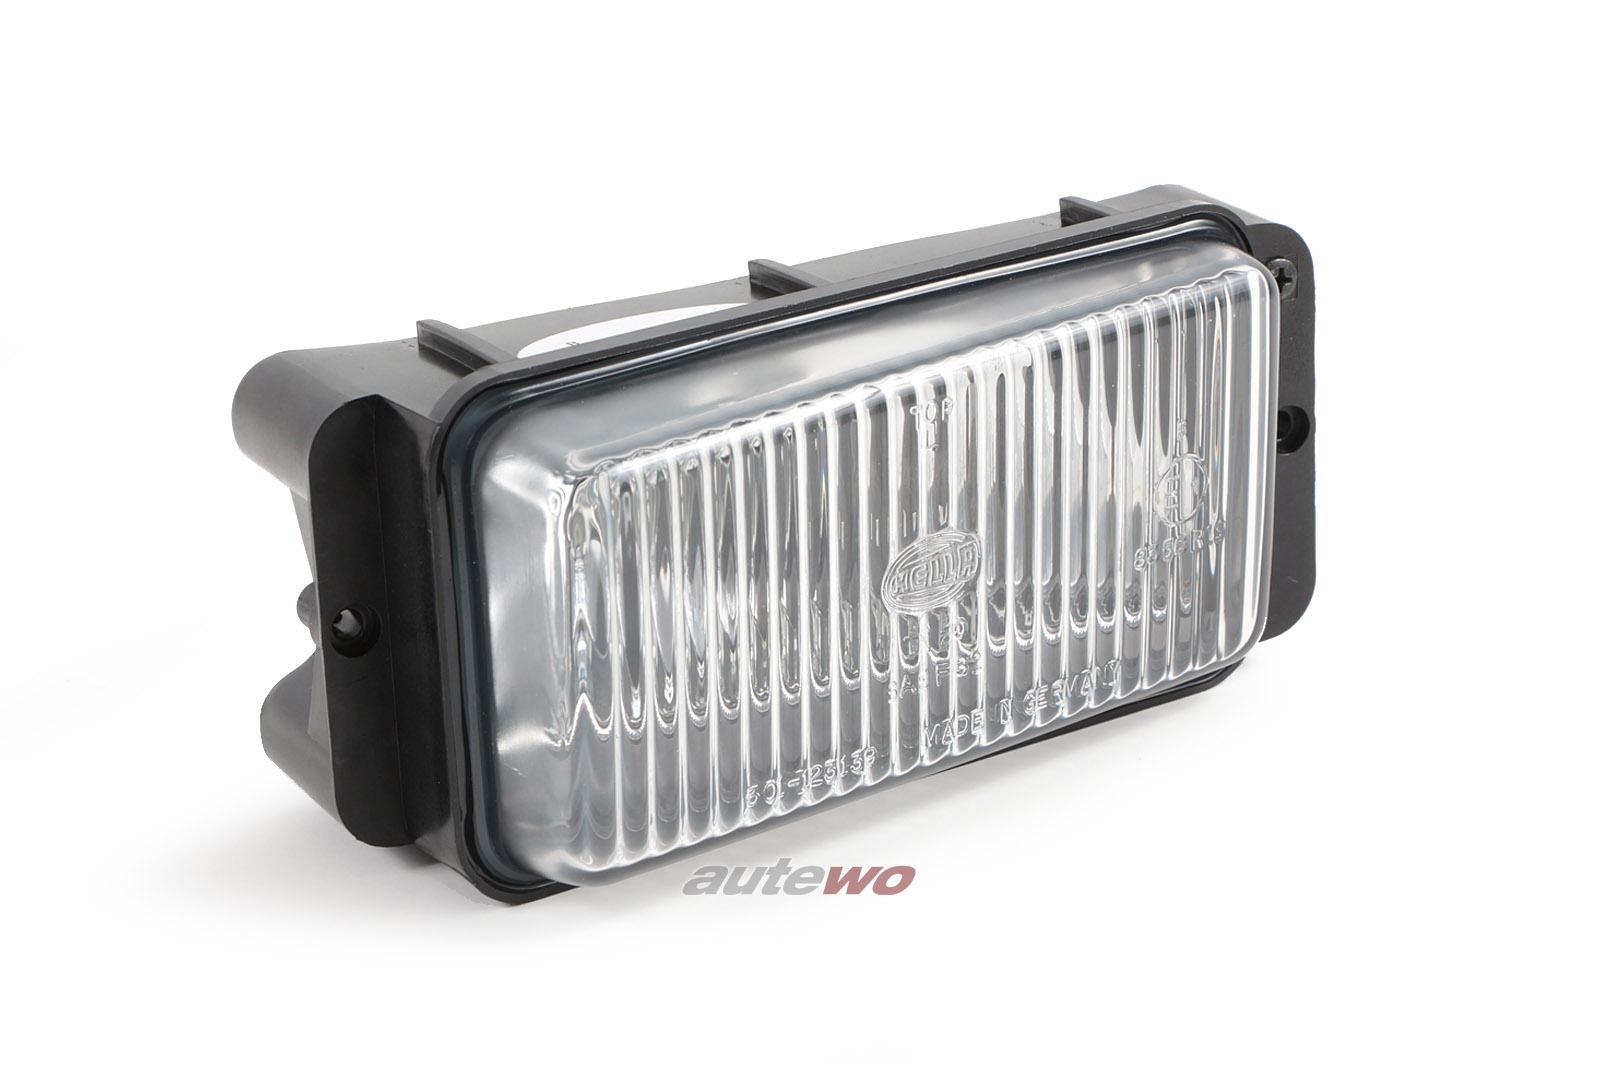 NEU Audi 100/200 43/Urquattro Nebelscheinwerfer HELLA links entspricht 437941723